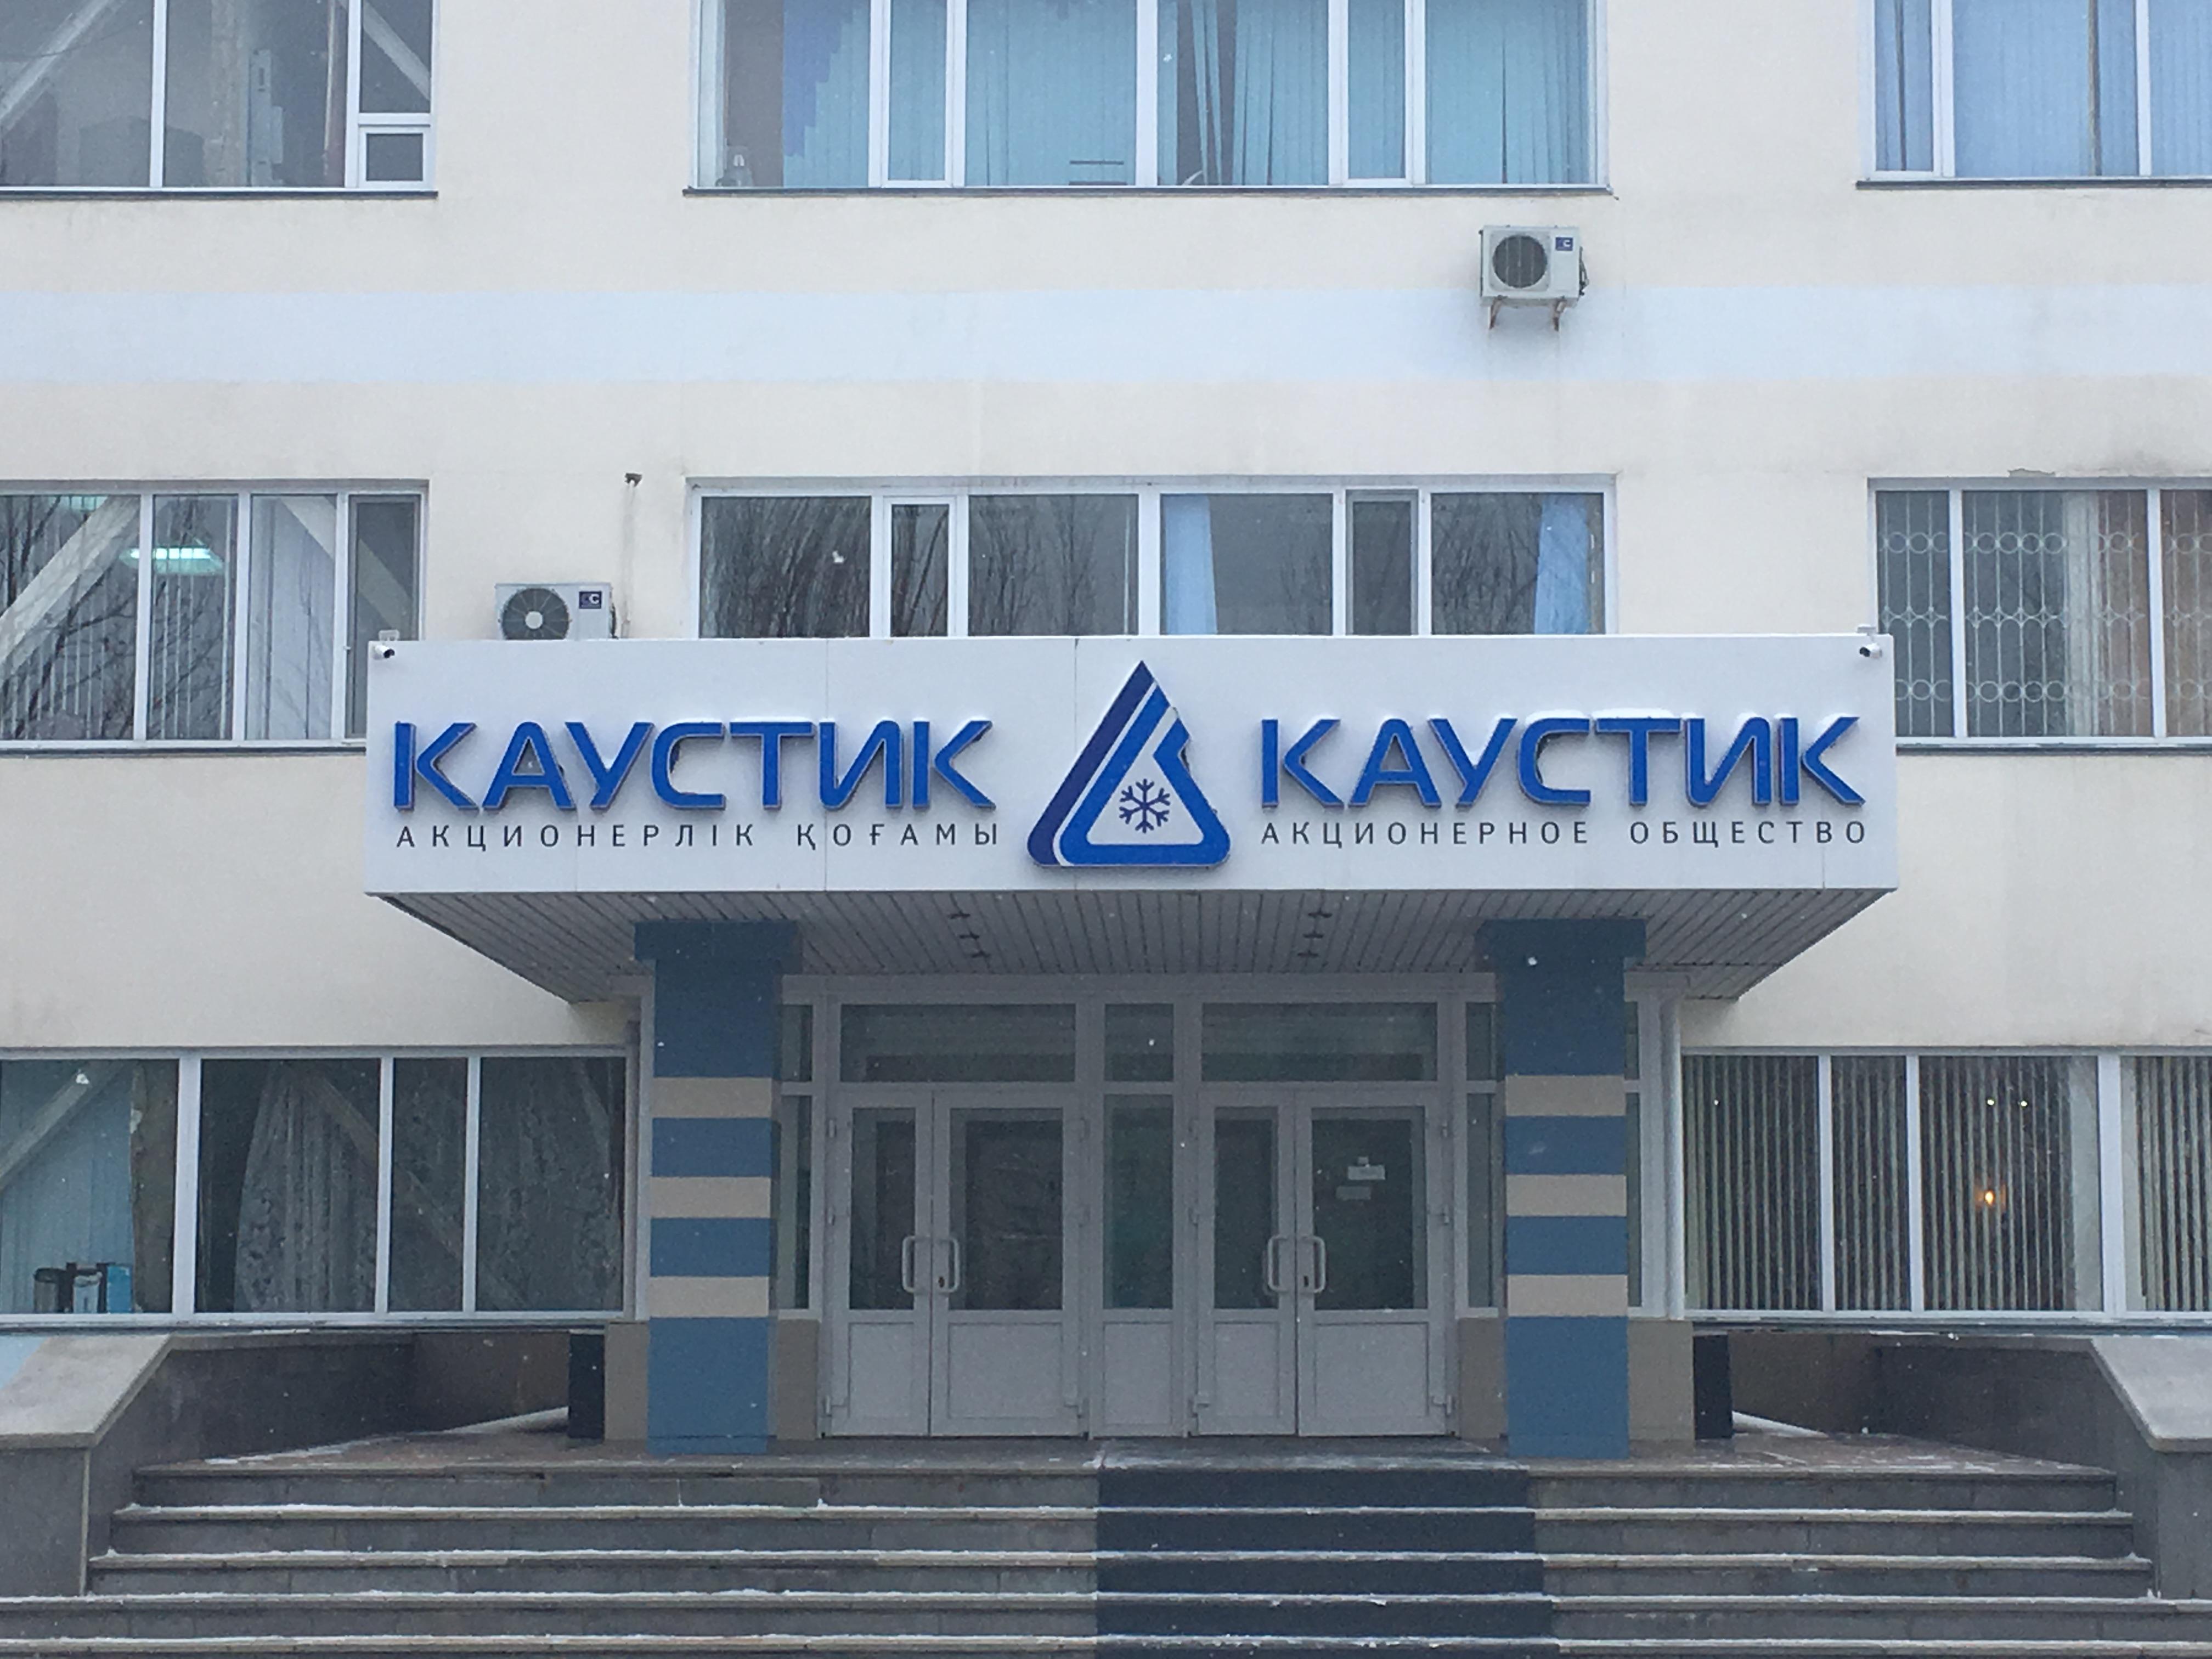 Павлодарские предприятия выстраиваются в очередь на повышение зарплаты